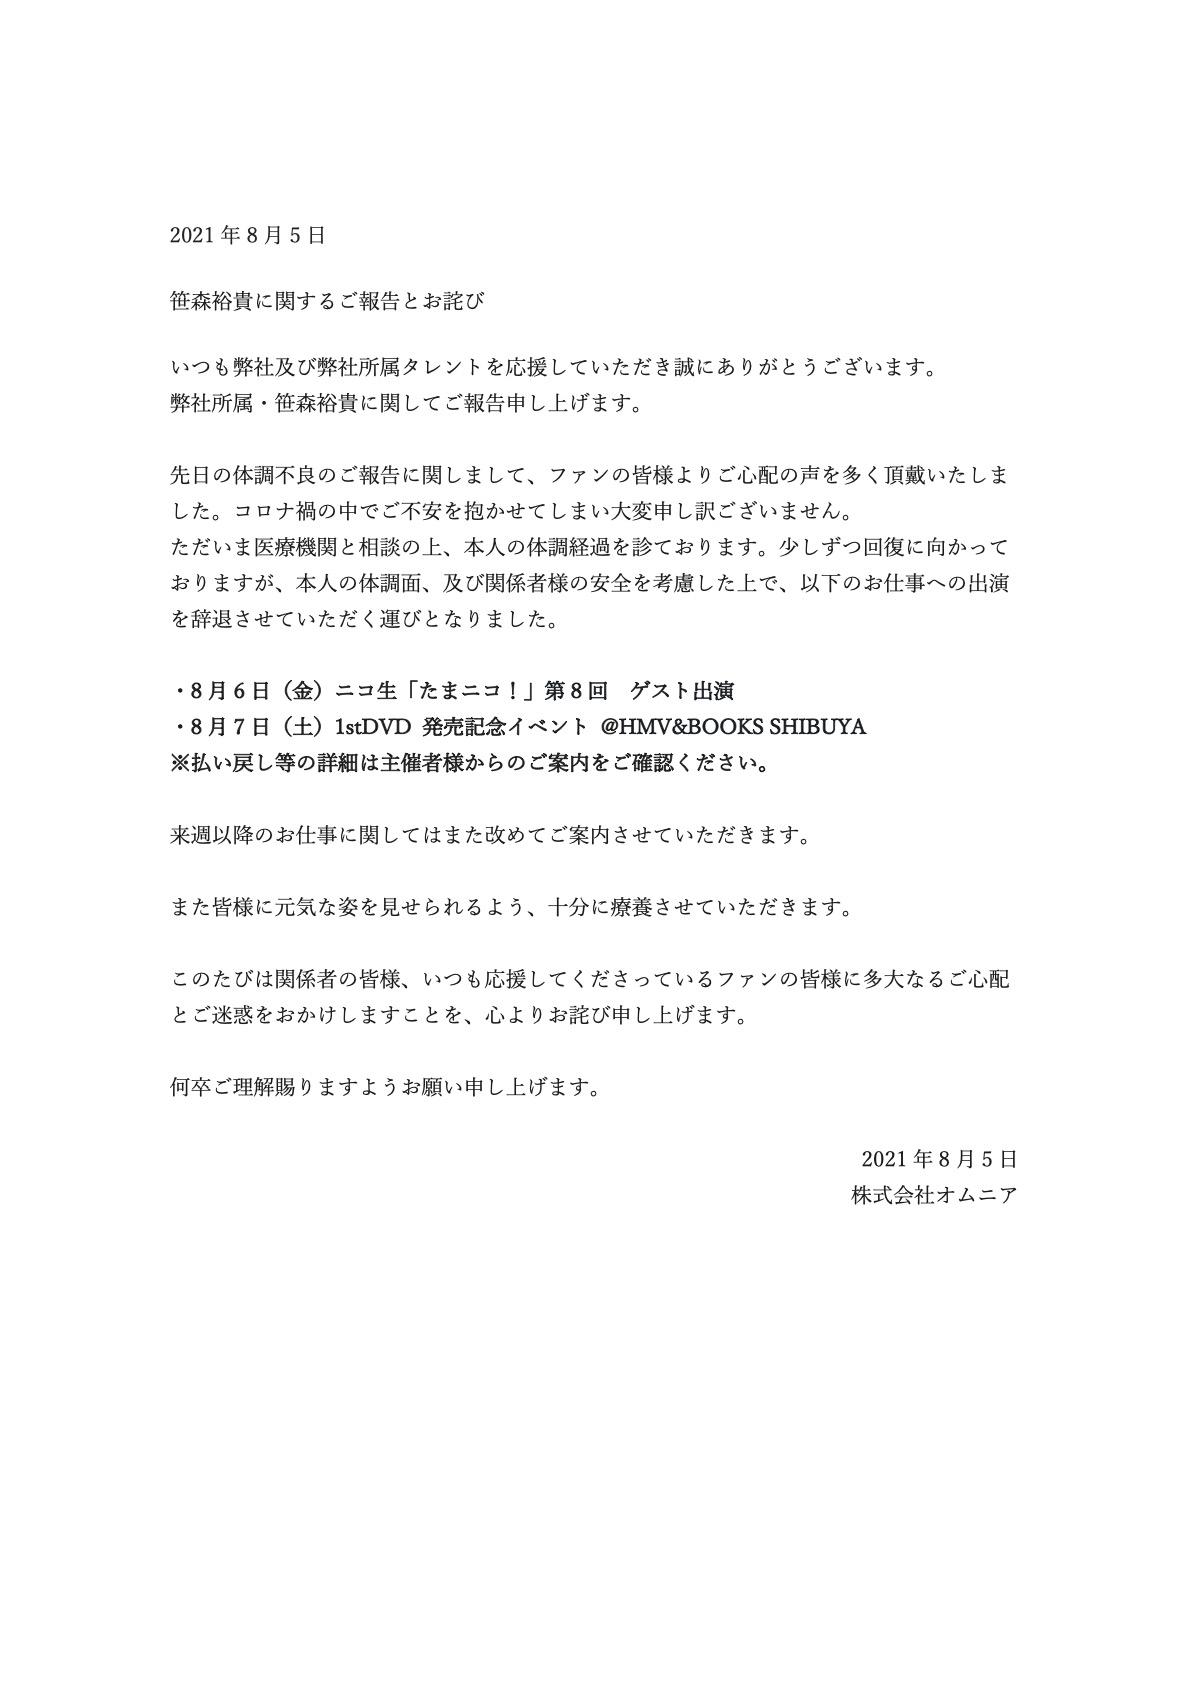 笹森裕貴さん1stDVD『Profile』発売記念イベント及びDVD発売の再延期のお知らせ